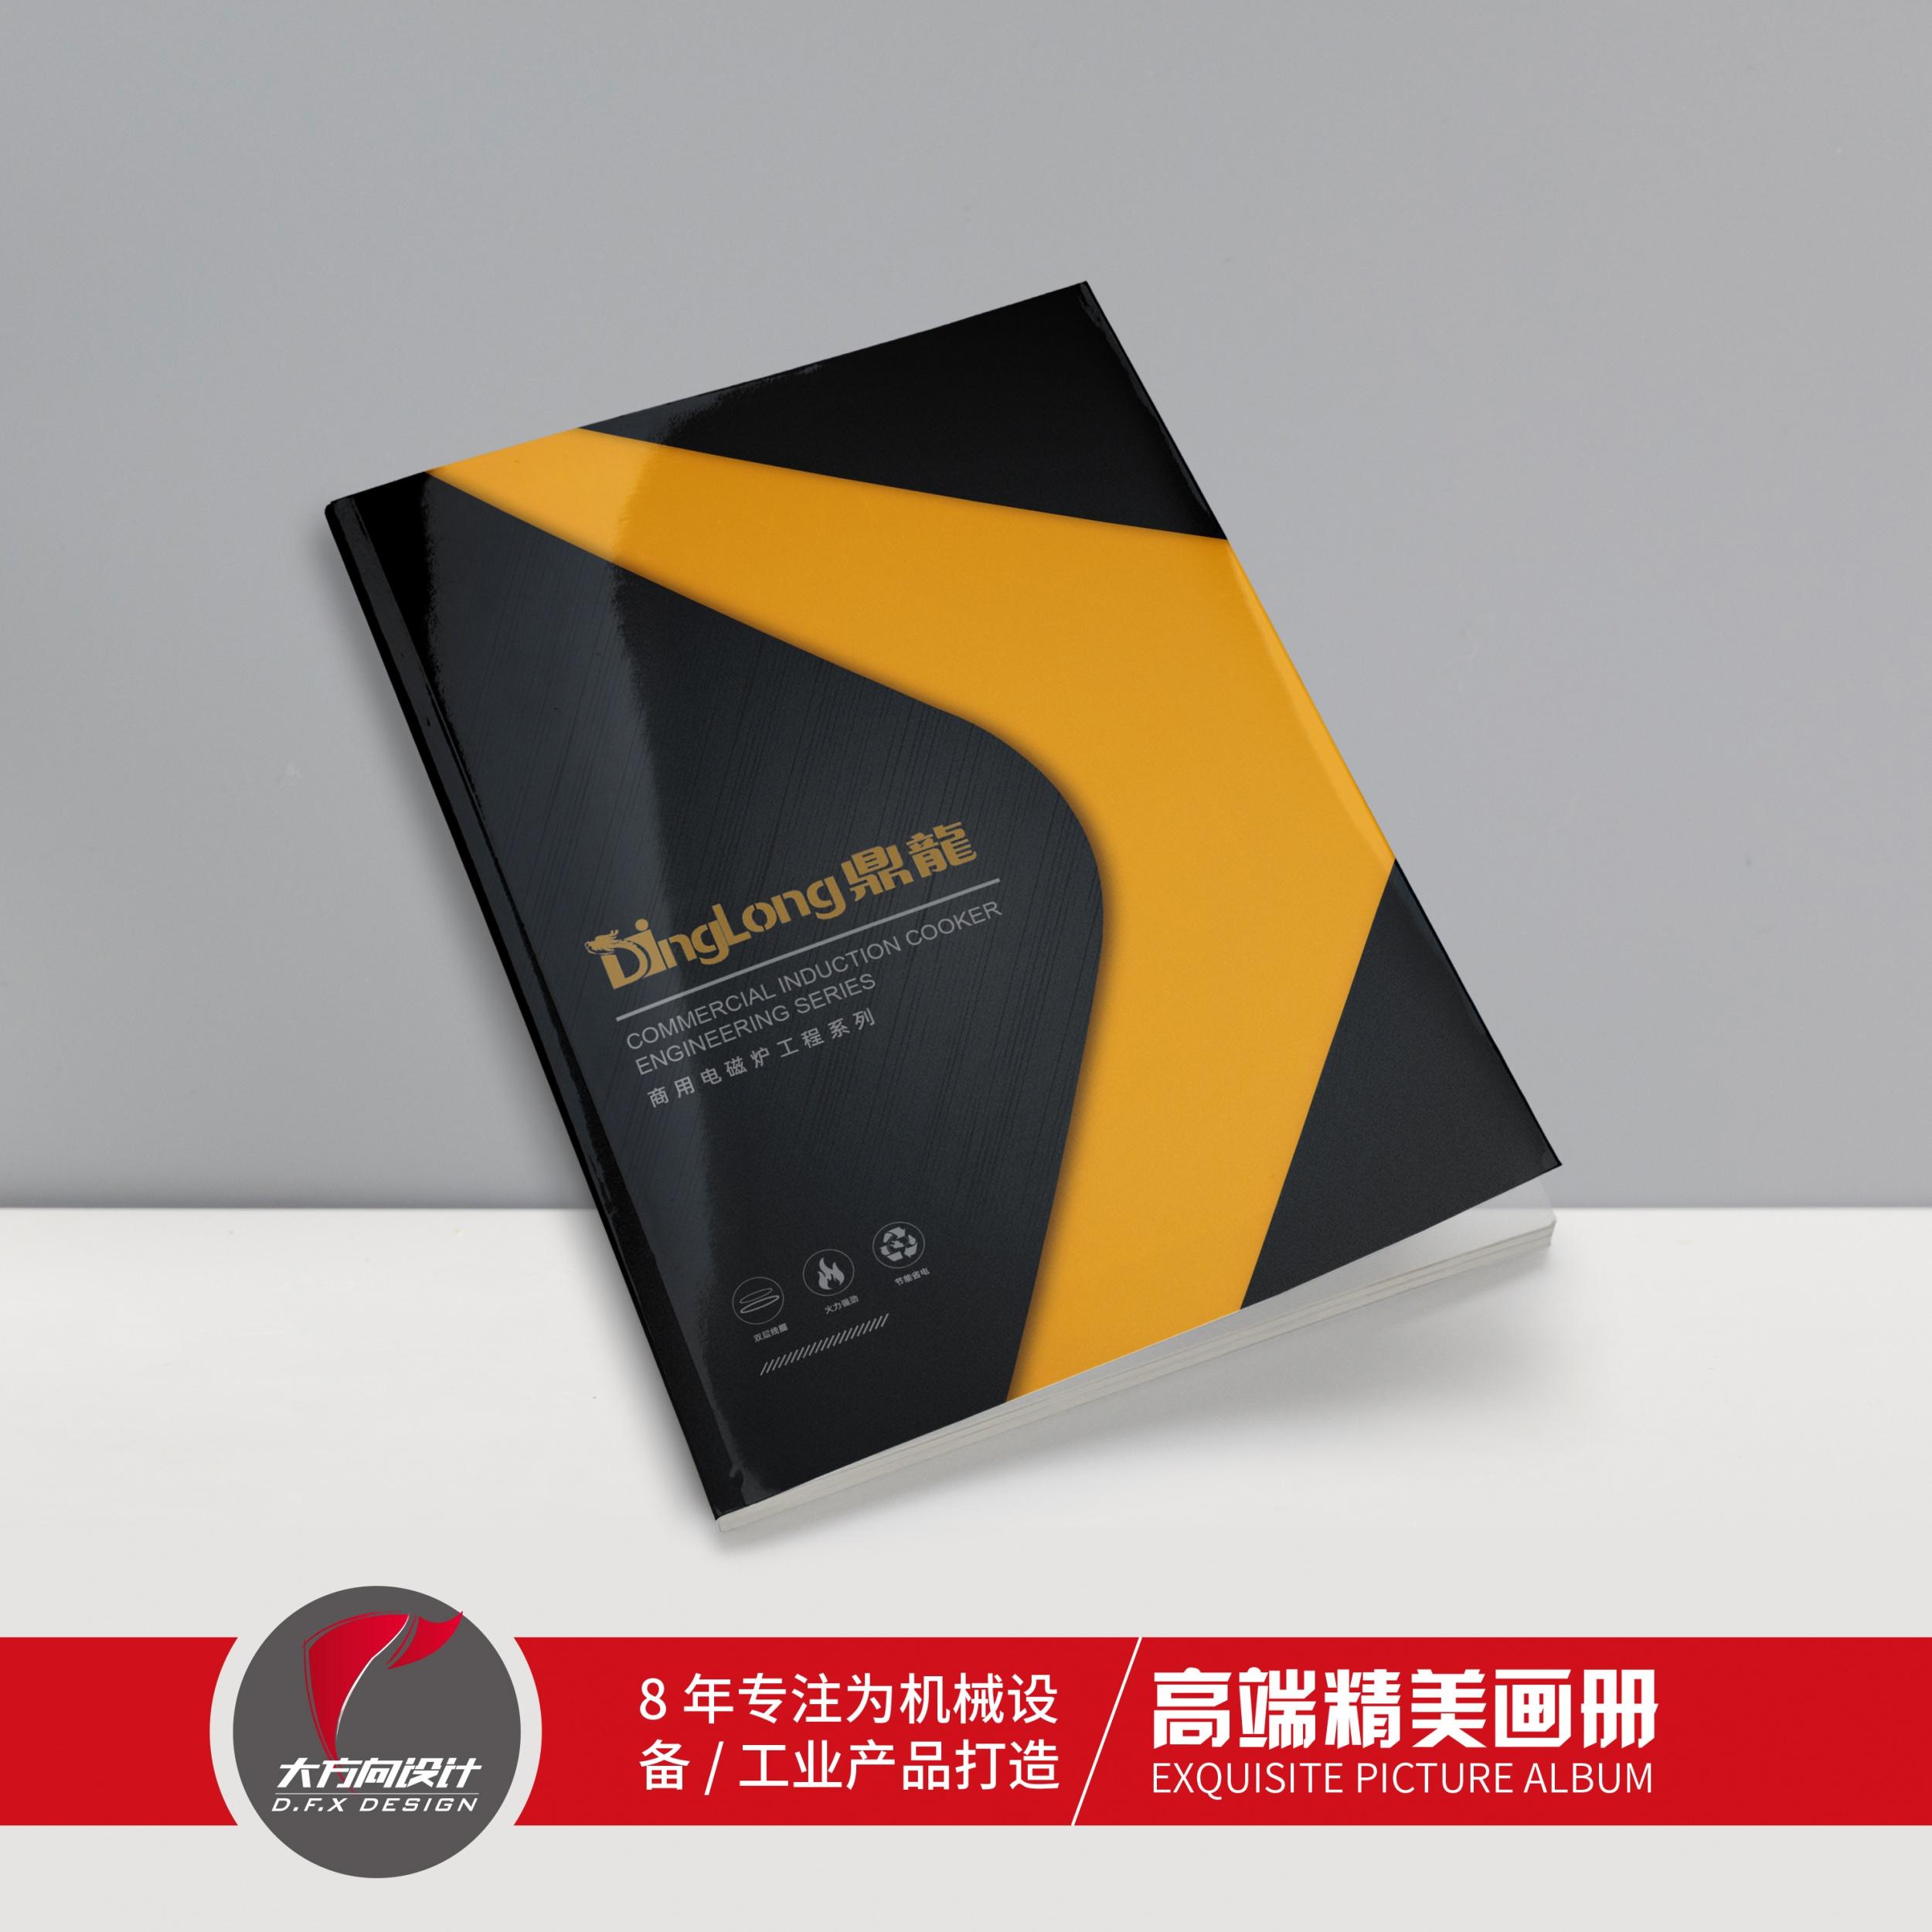 廣東鼎龍廚具有限公司